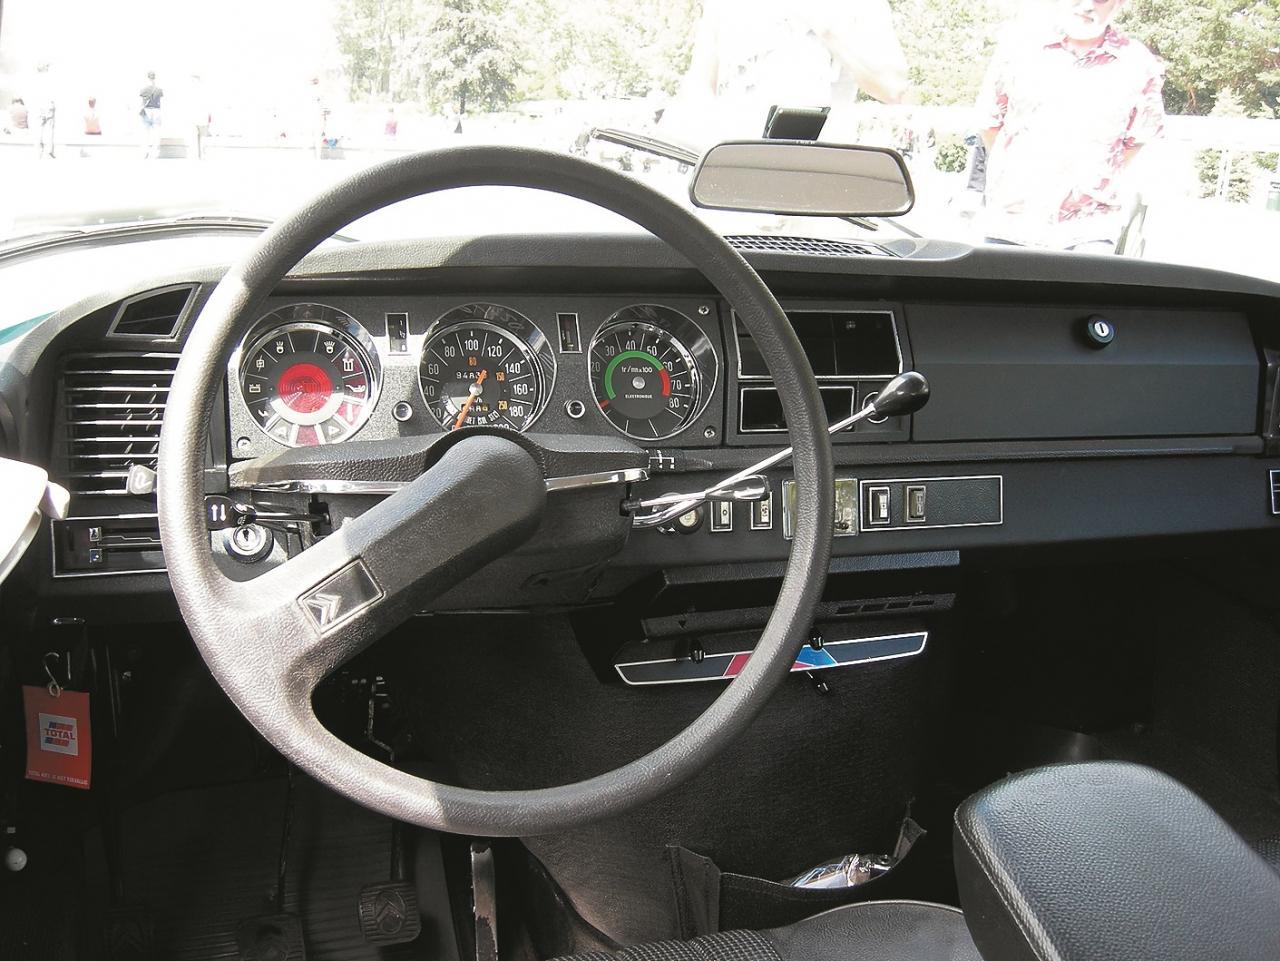 Vienstara stūre papildu drošībai. 1974. gads, Citroën DS.